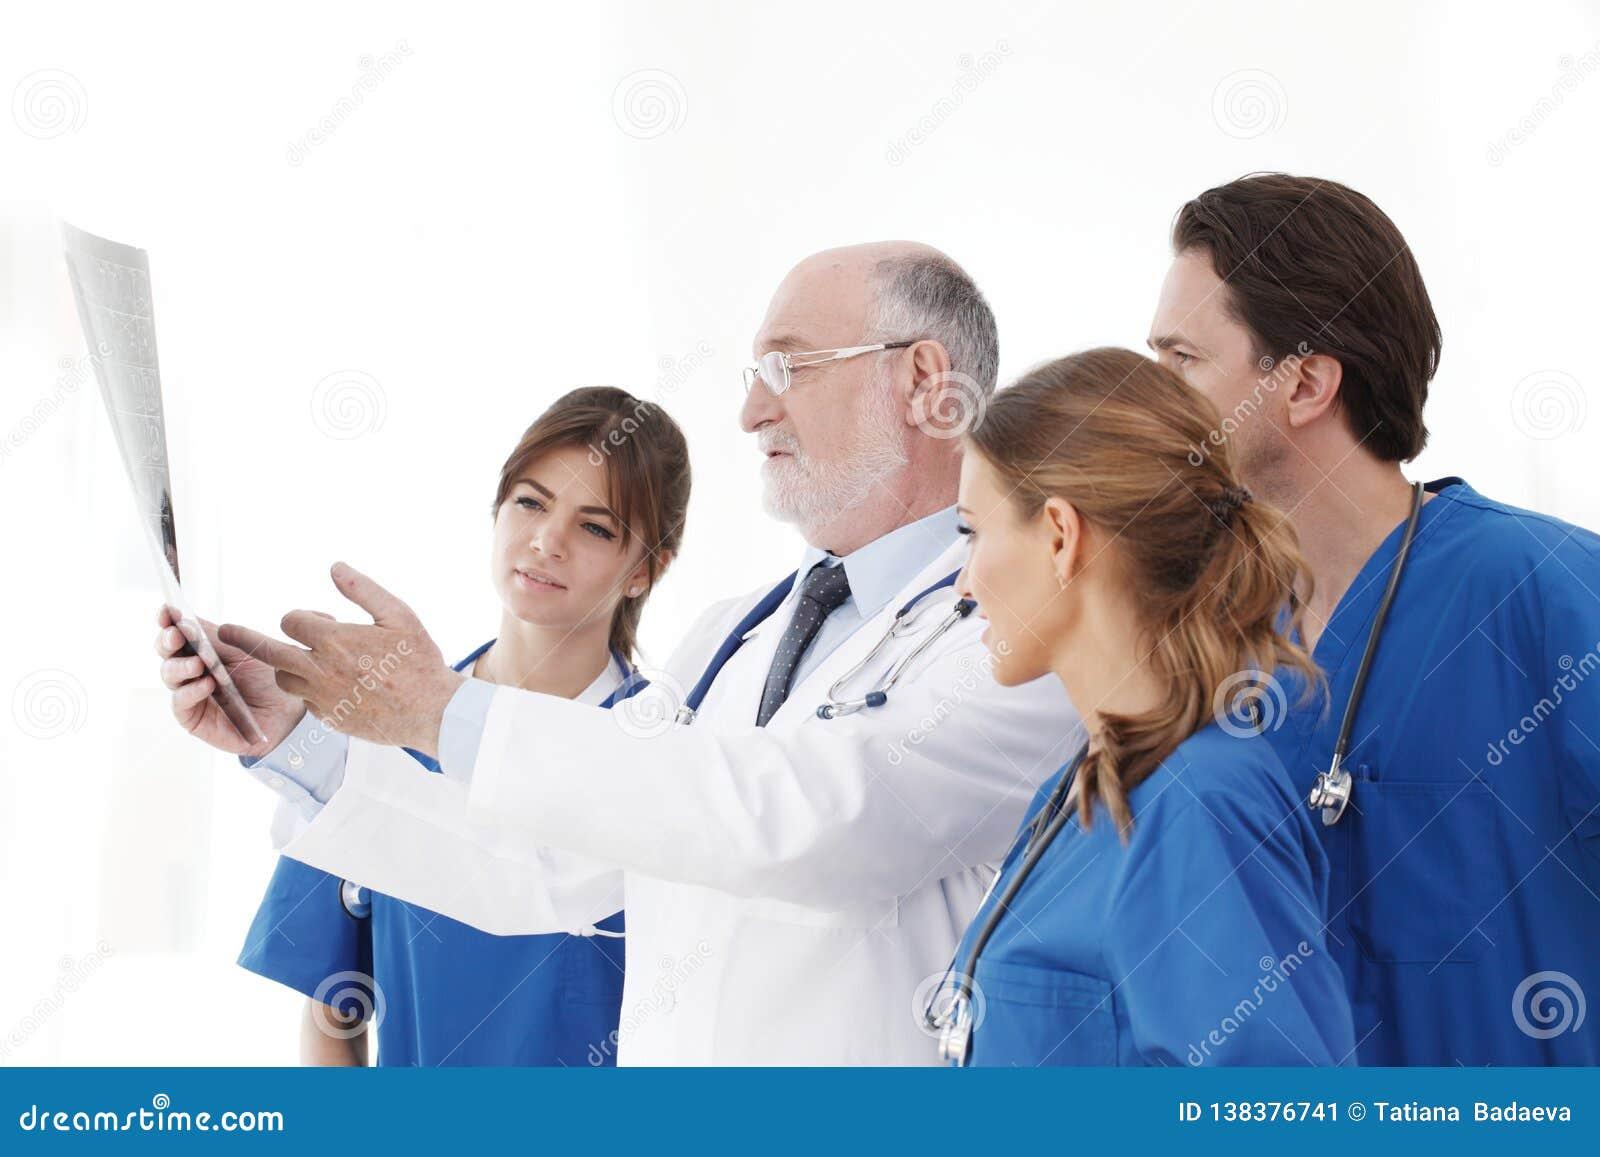 Zaopatrzenie medyczne sprawdza promieniowanie rentgenowskie rezultaty